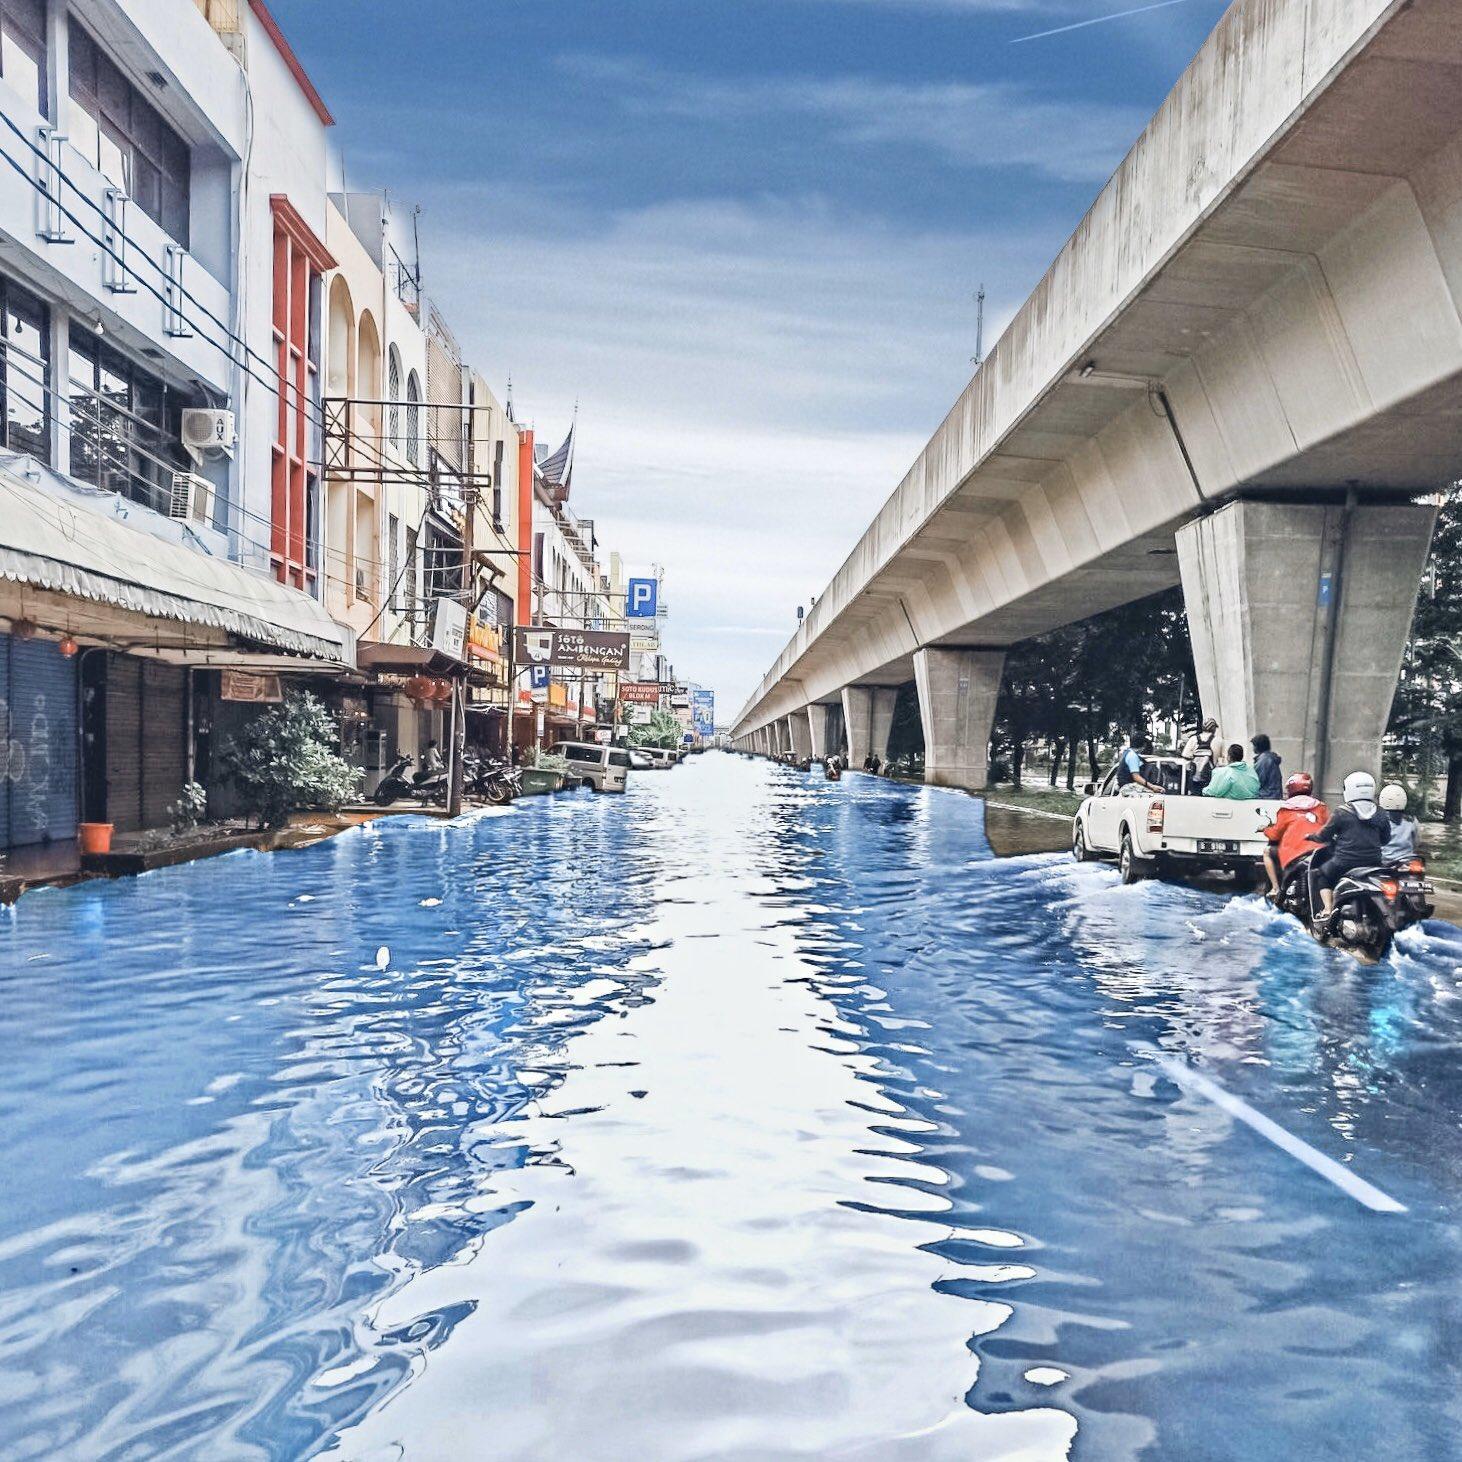 prasetyo-kritik-pemprov-dki-hujan-lokal-saja-banjir-ini-bukan-limpahan